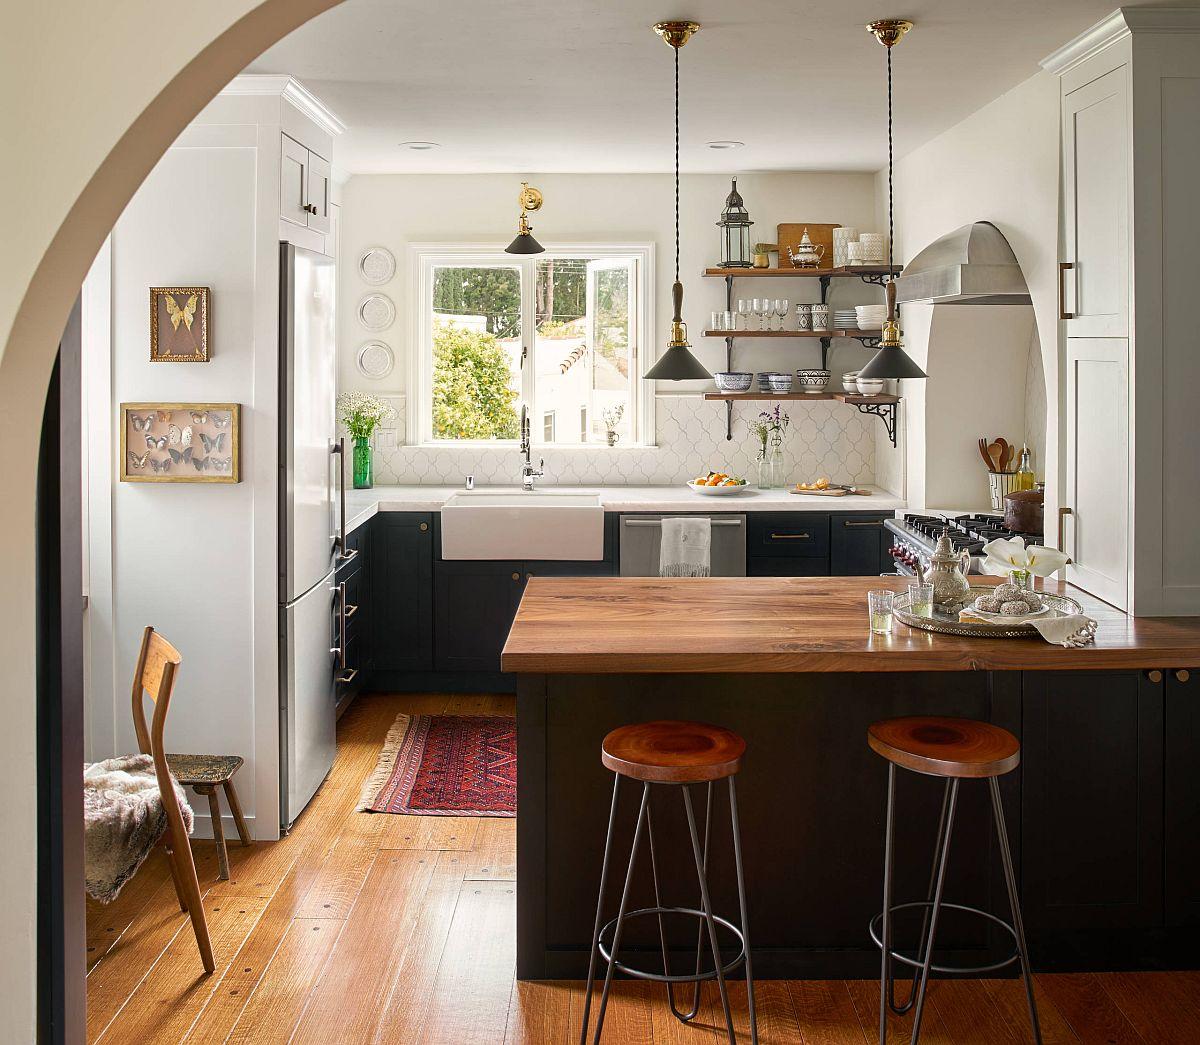 Sàn nhà bếp thịnh hành nhất năm 2020: Sàn gỗ ở khắp mọi nơi! - Ảnh 6.